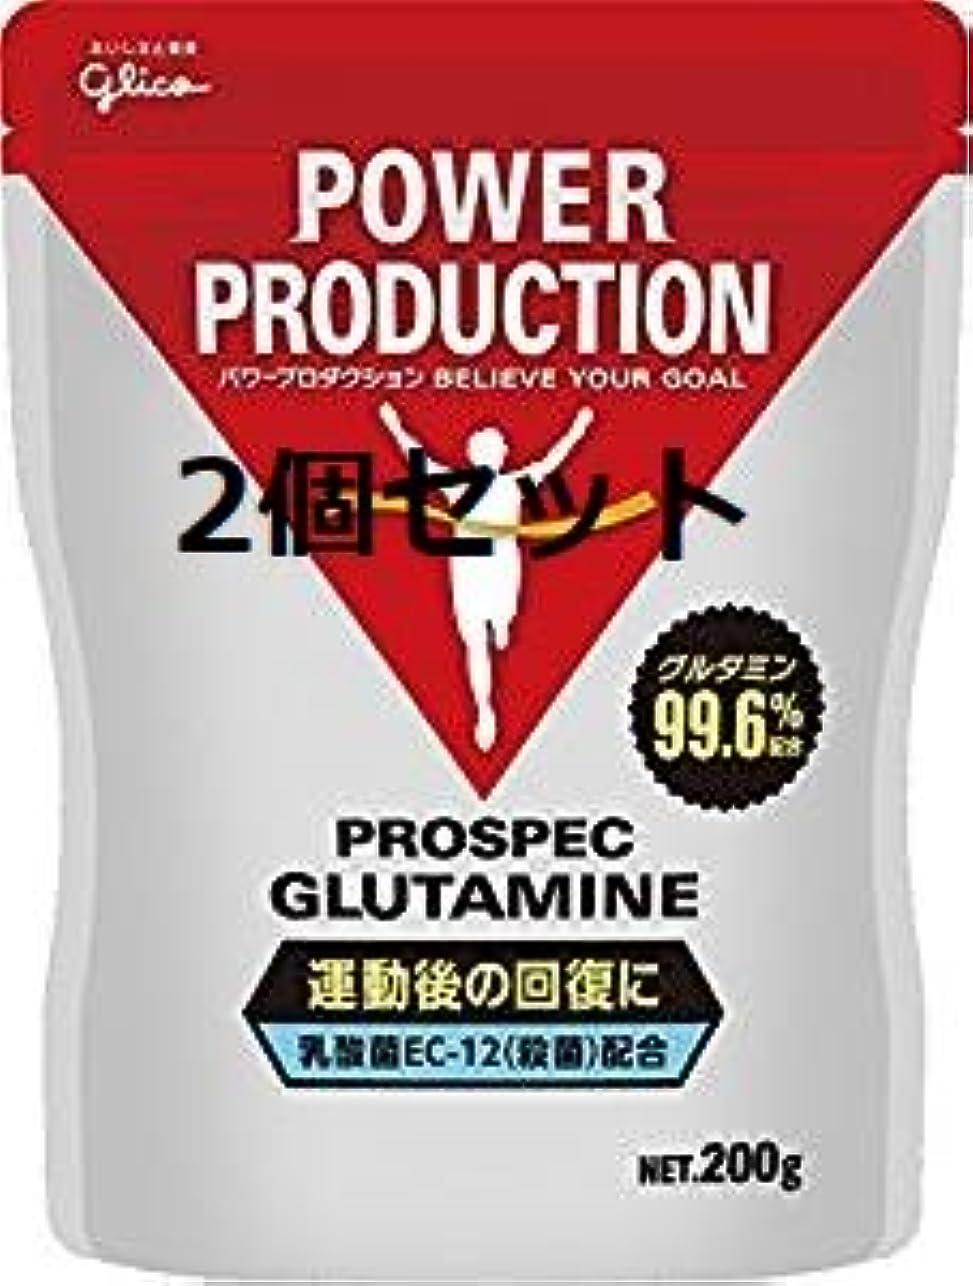 スクラップブック虎入浴グリコ パワープロダクション グルタミンパウダー 200g ×2個???